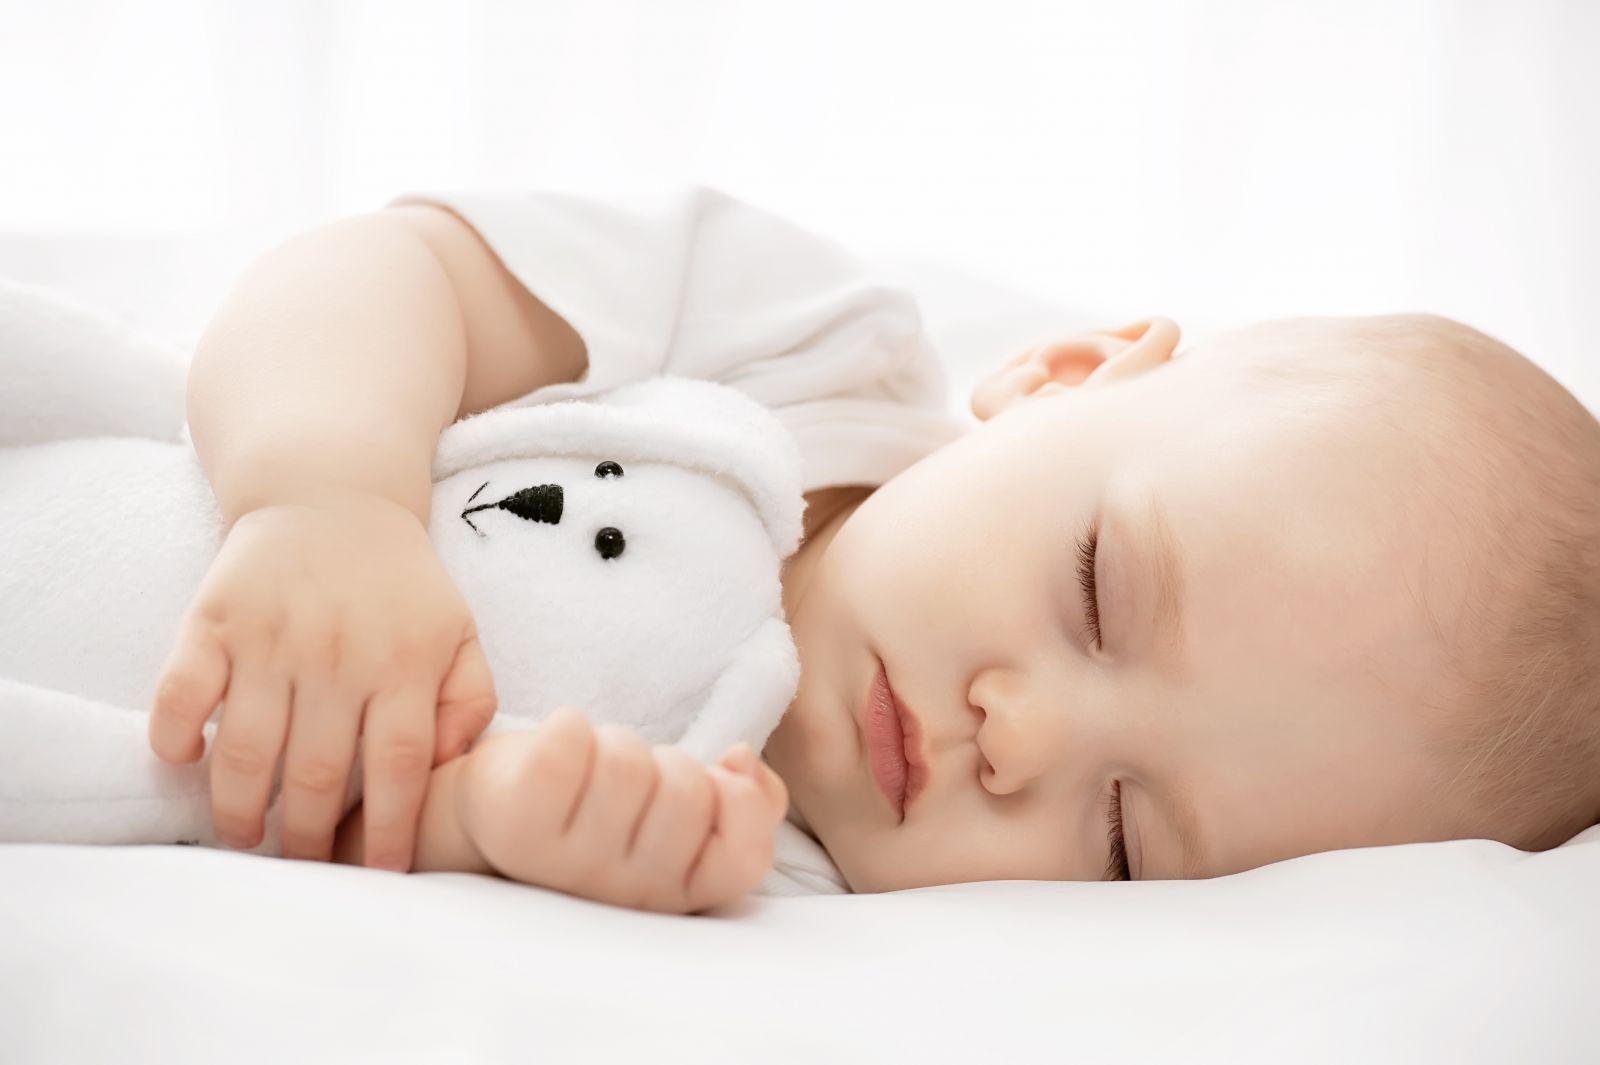 Khi nào nên cho trẻ ngủ gối, đây là lời đáp chính xác nhất cho bố mẹ  - Ảnh 4